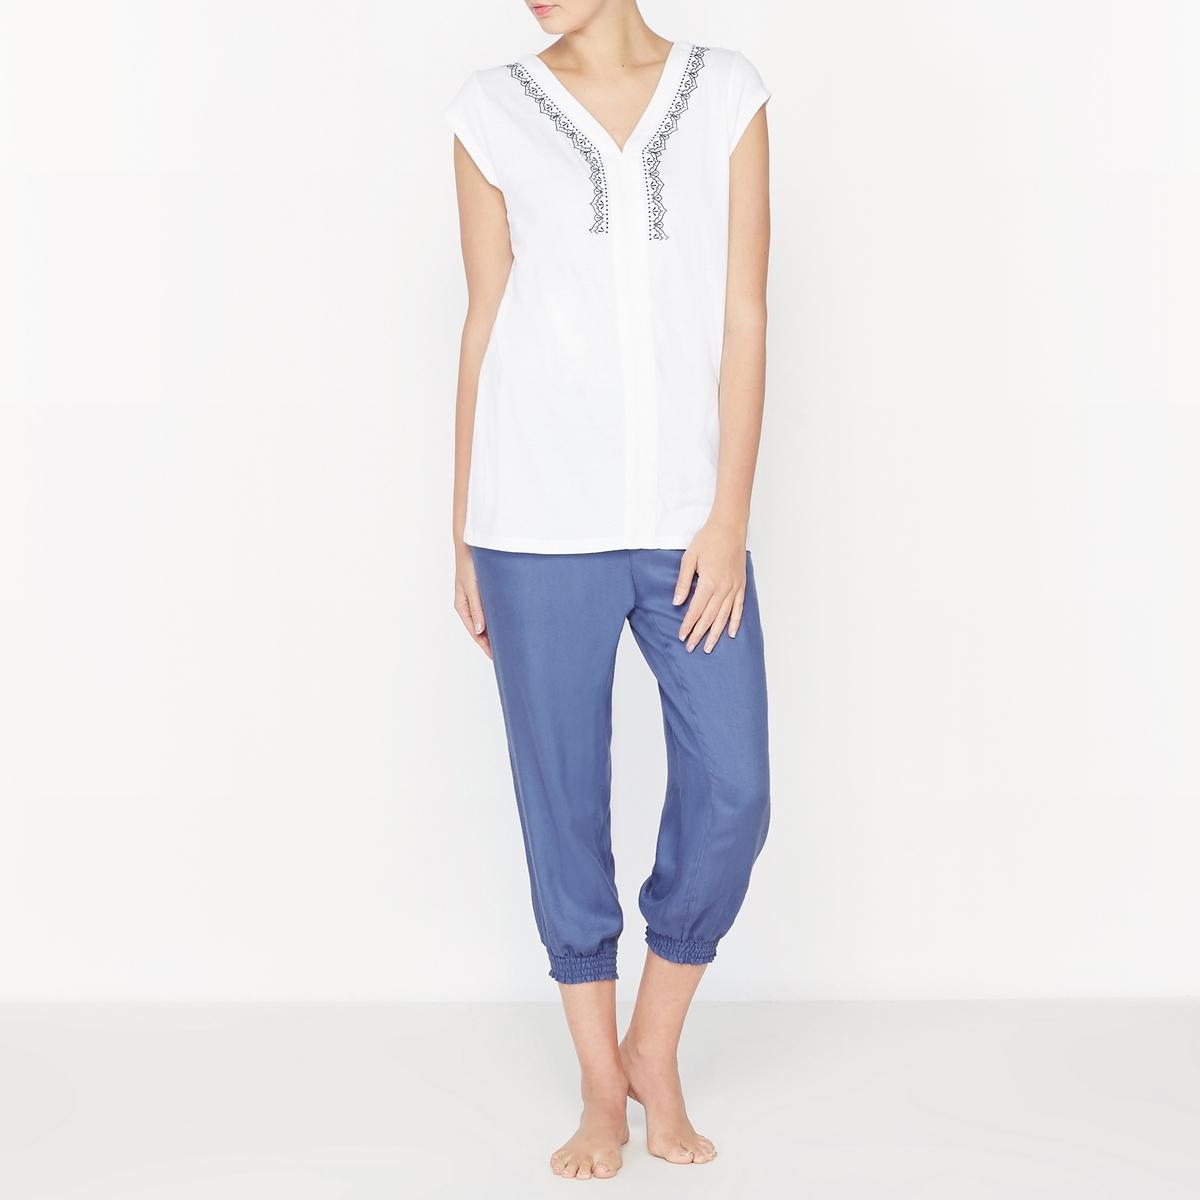 Пижама с брюками-шароварами, с вышивкойСостав и описаниеМатериалы : 100% вискозаВысота : 65 смДлина по внутреннему шву : 55 смМарка : Louise Marnay.УходМашинная стирка при 30 °C на деликатном режиме с вещами схожих цветов Машинная сушка не рекомендуетсяГладить при средней температуре с изнаночной стороны<br><br>Цвет: белый/ синий<br>Размер: 42 (FR) - 48 (RUS)